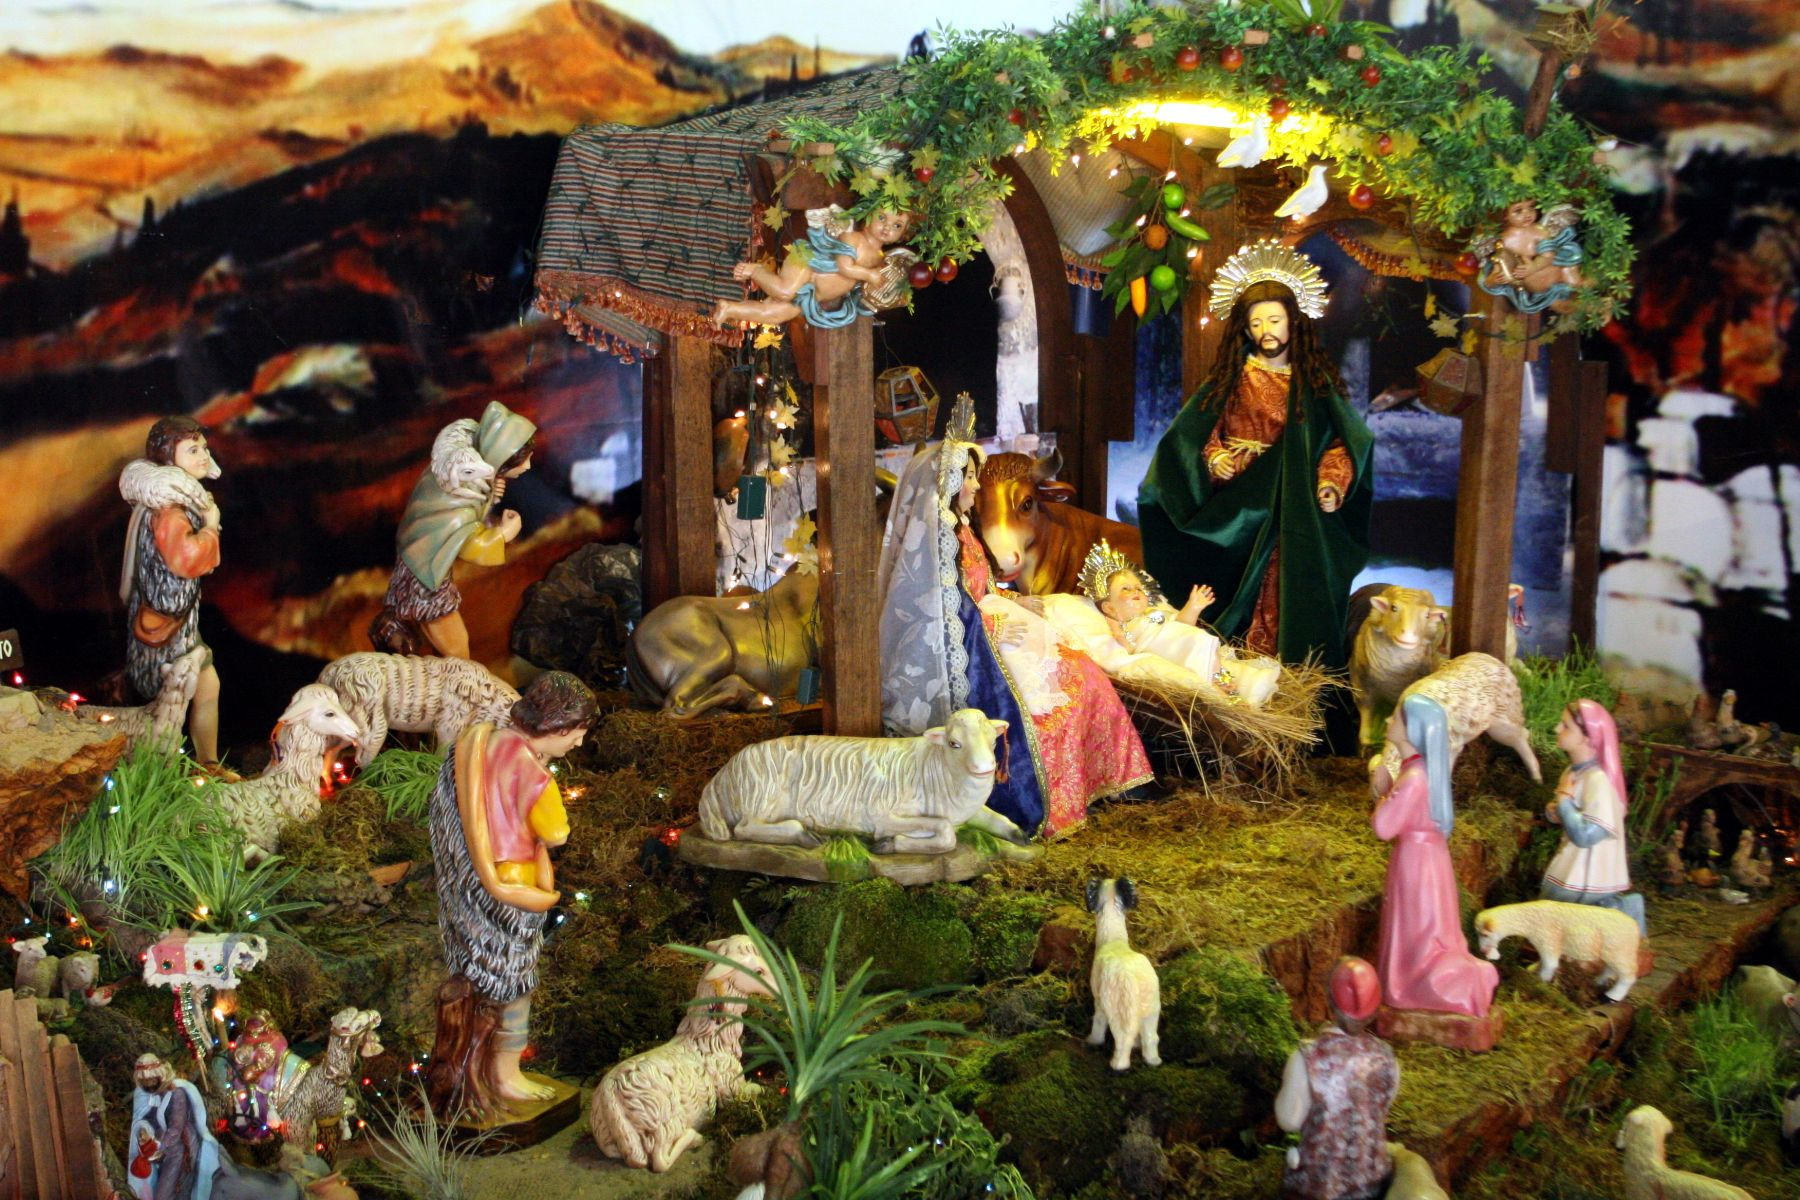 Fotos Del Nacimiento De Navidad.Peru Es El Pais Donde Esta Mas Arraigada Costumbre De